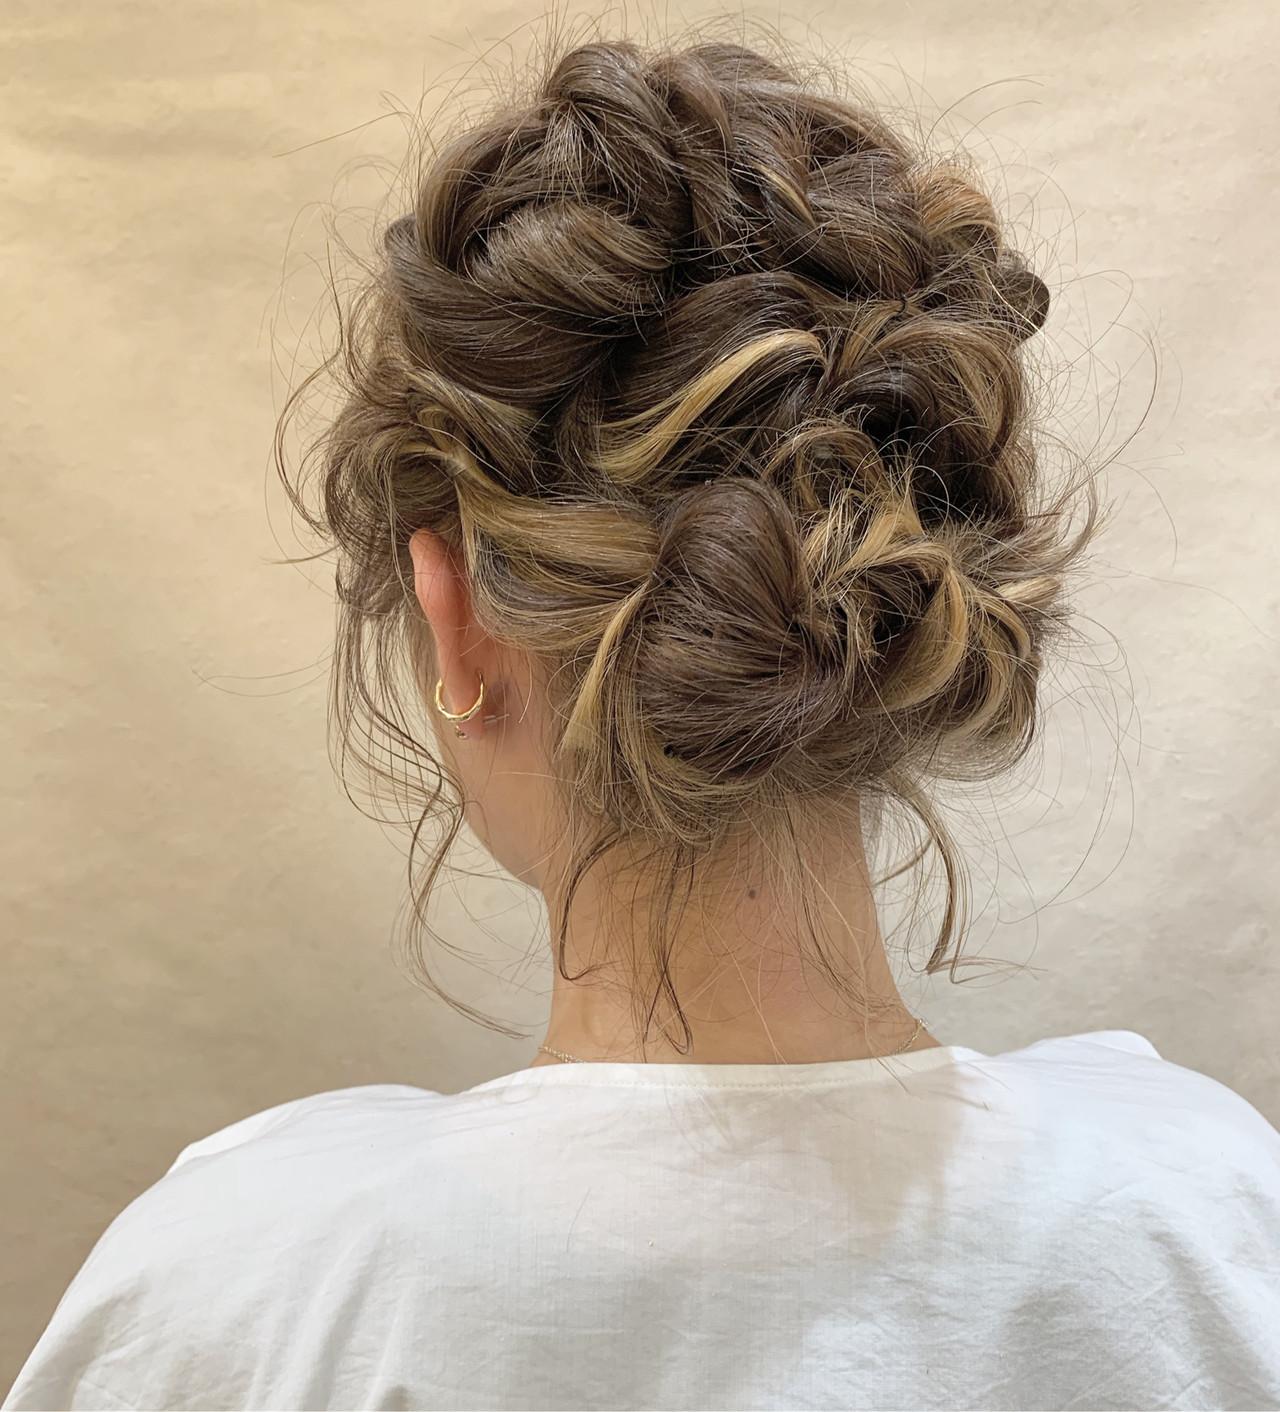 ヘアアレンジ フェミニン アウトドア 結婚式 ヘアスタイルや髪型の写真・画像 | 安永怜 / kakimotoarms田園調布